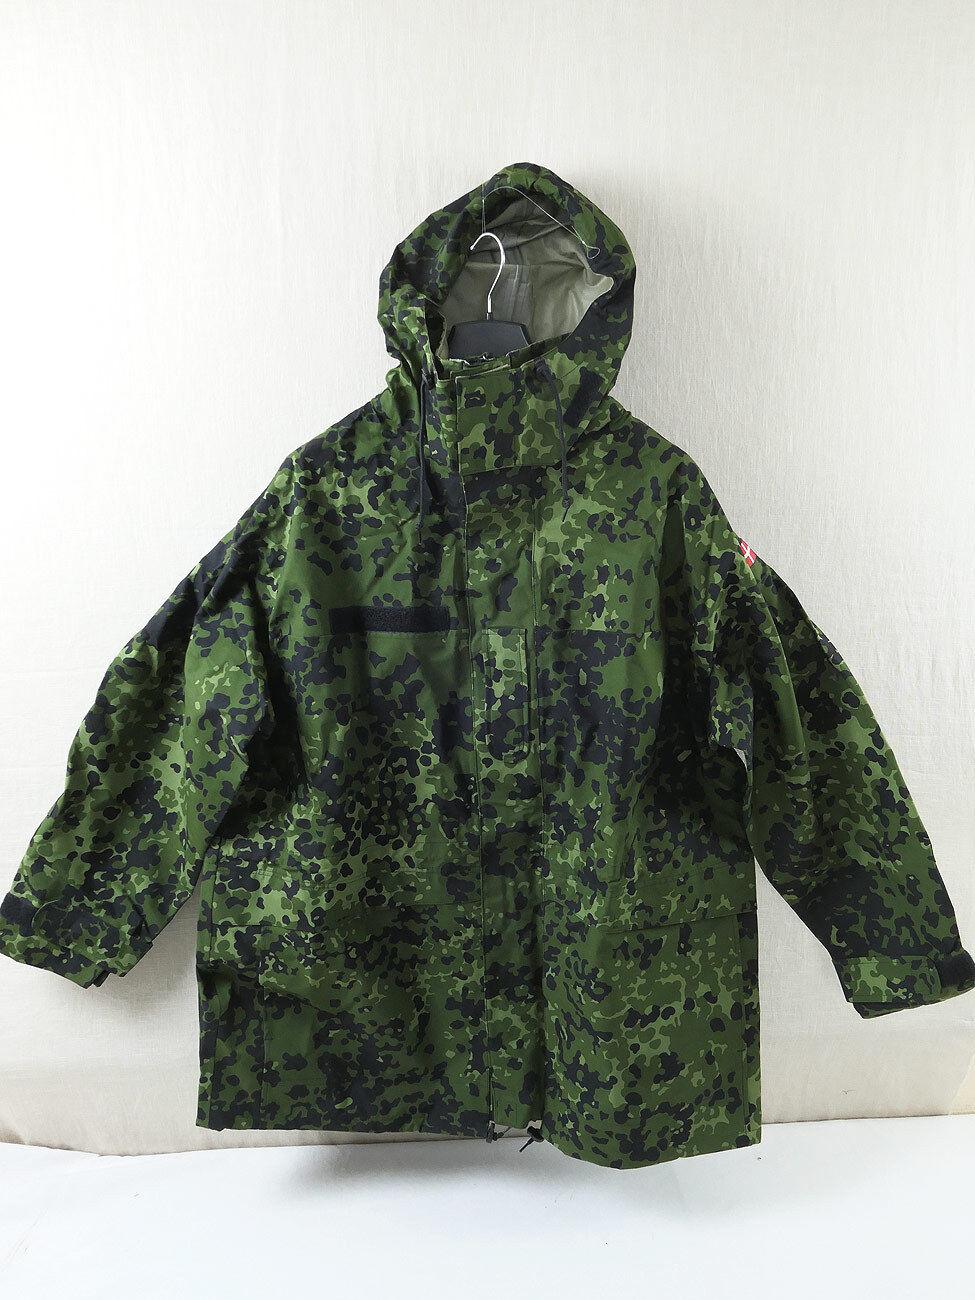 1006 DK 2xl Danimarca Army Goretex Pioggia Giacca umidità prossoezione camo mimetica 318